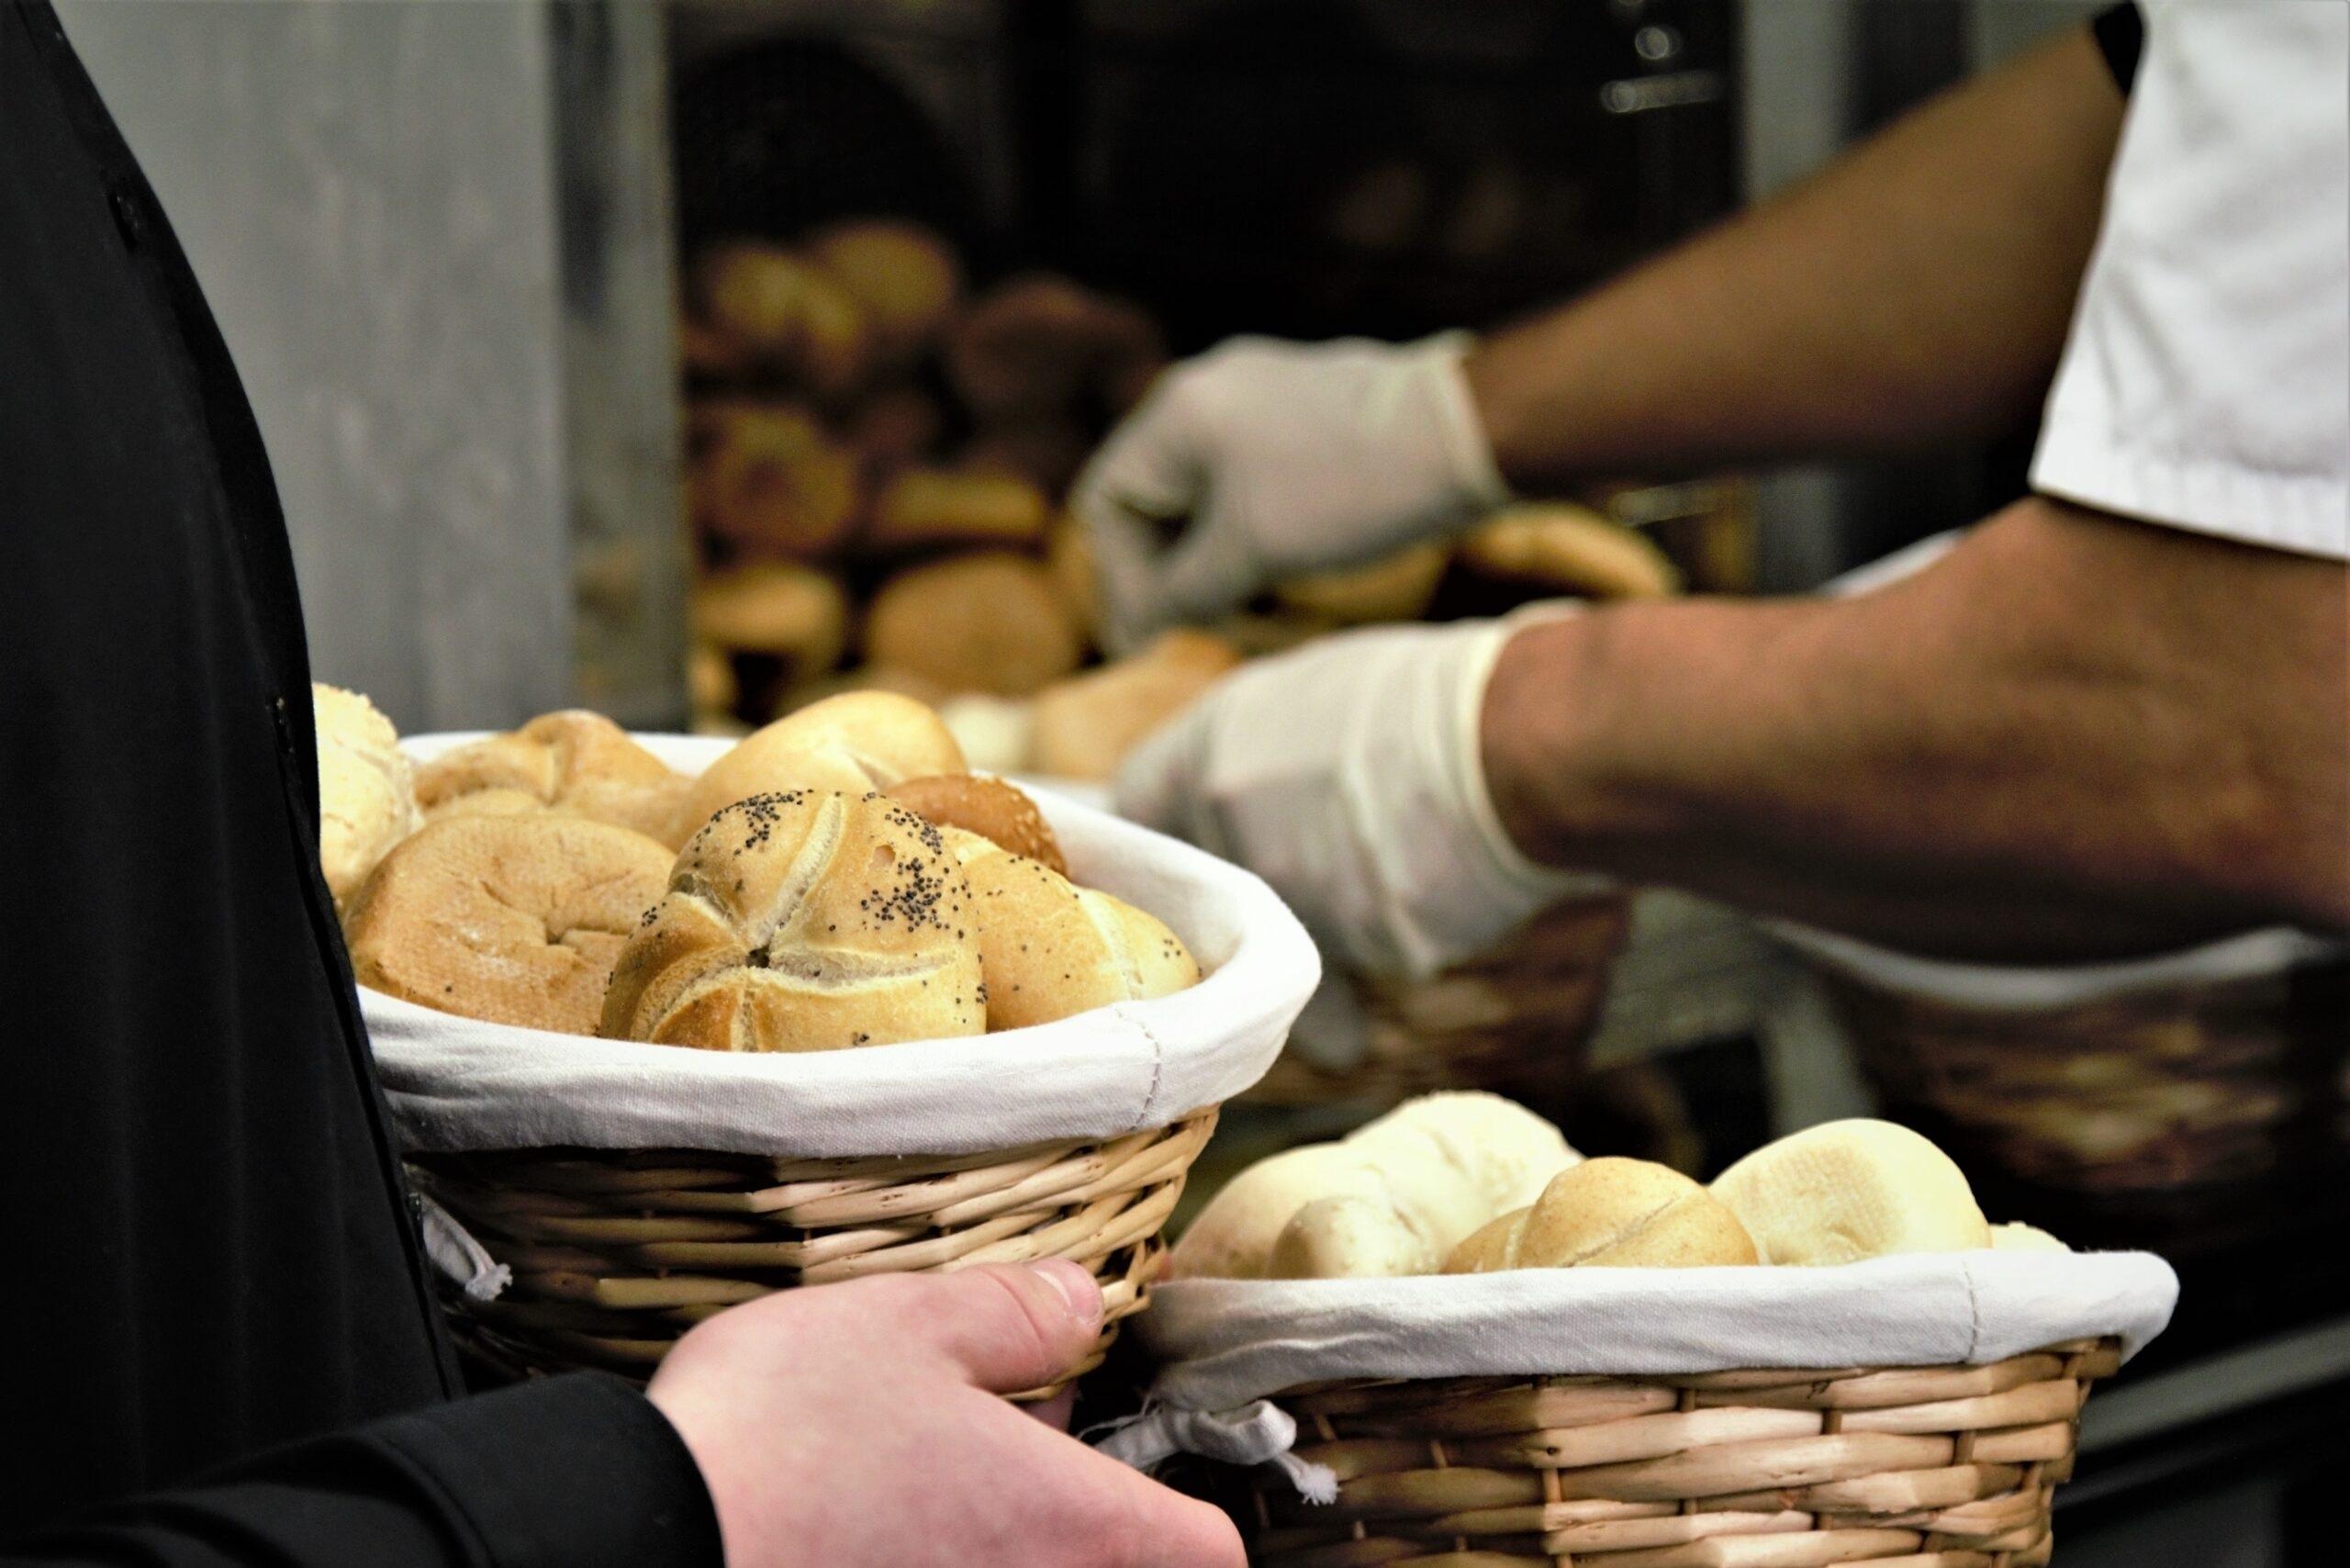 Aumentar as vendas em padarias: saiba como fazer